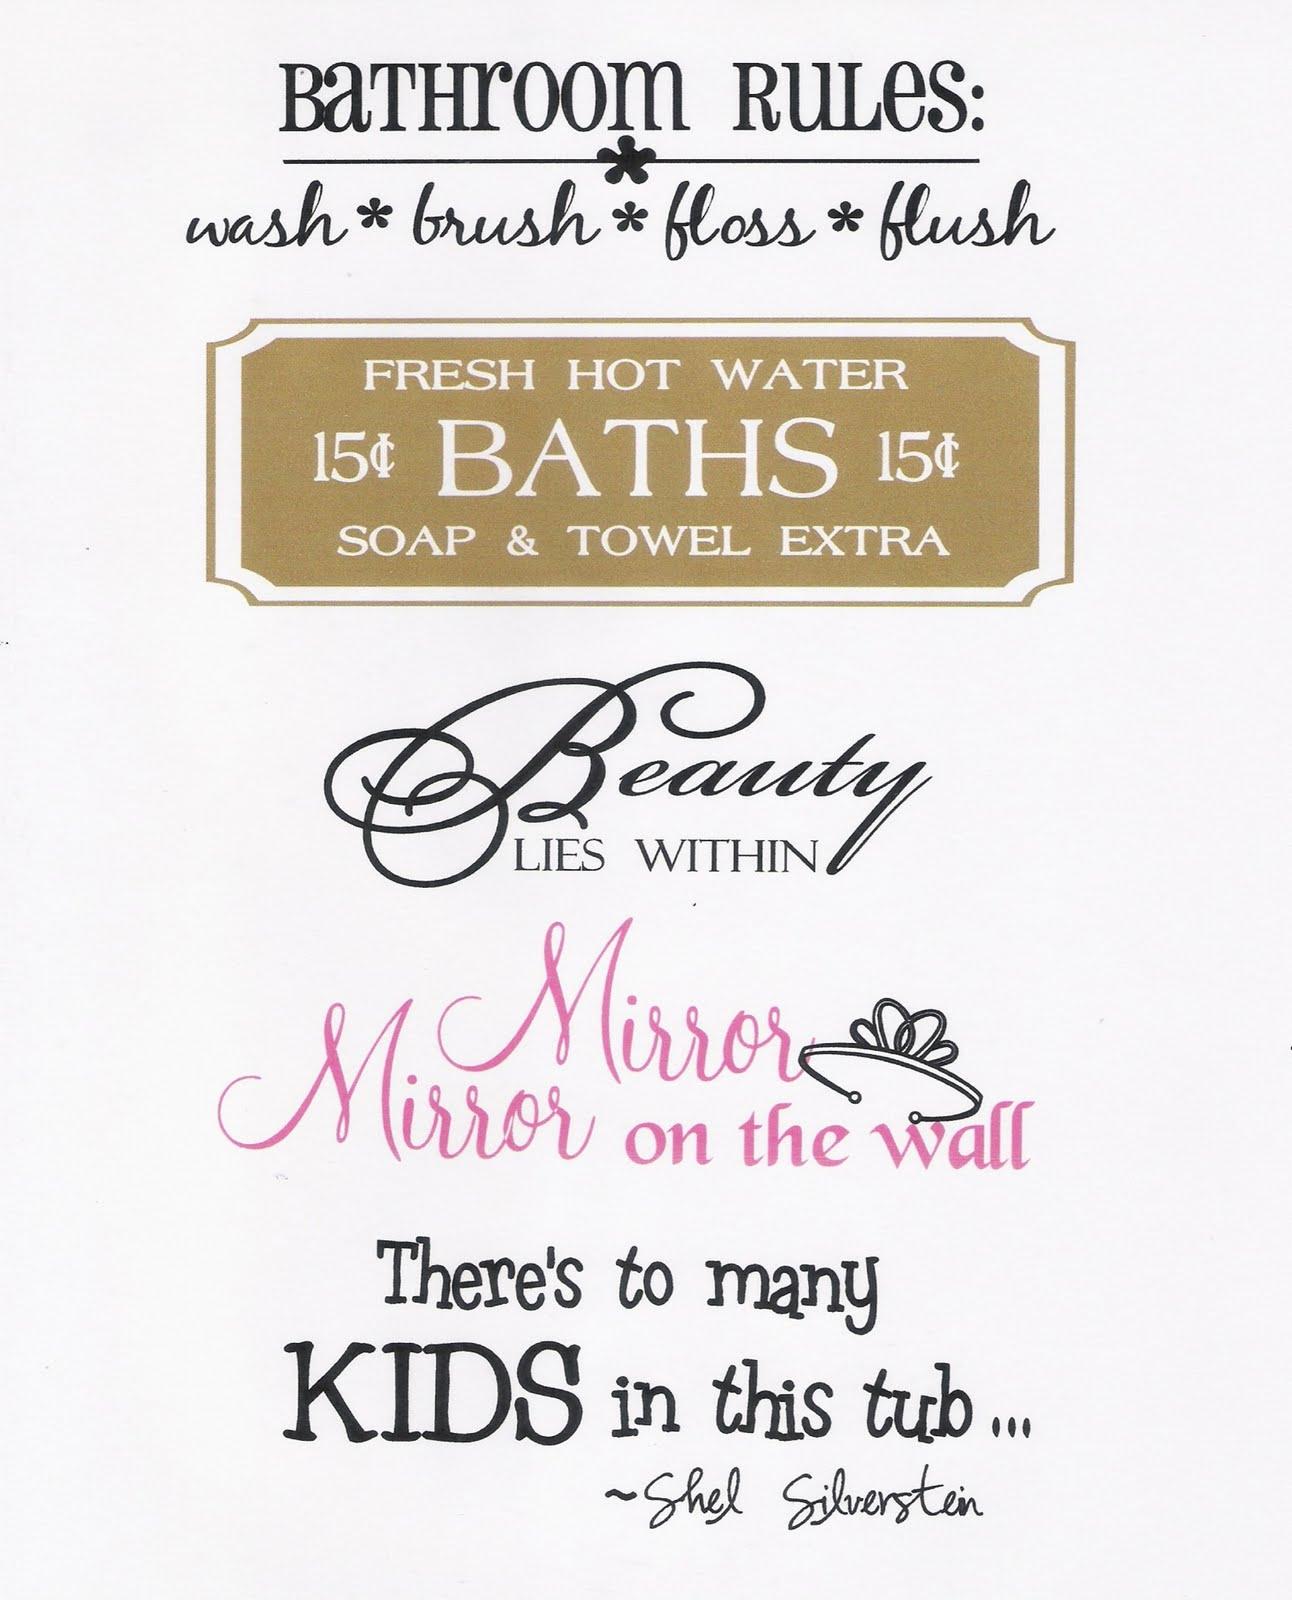 Quotes And Sayings: Whatever You Say: Splish Splash...Bathroom Sayings